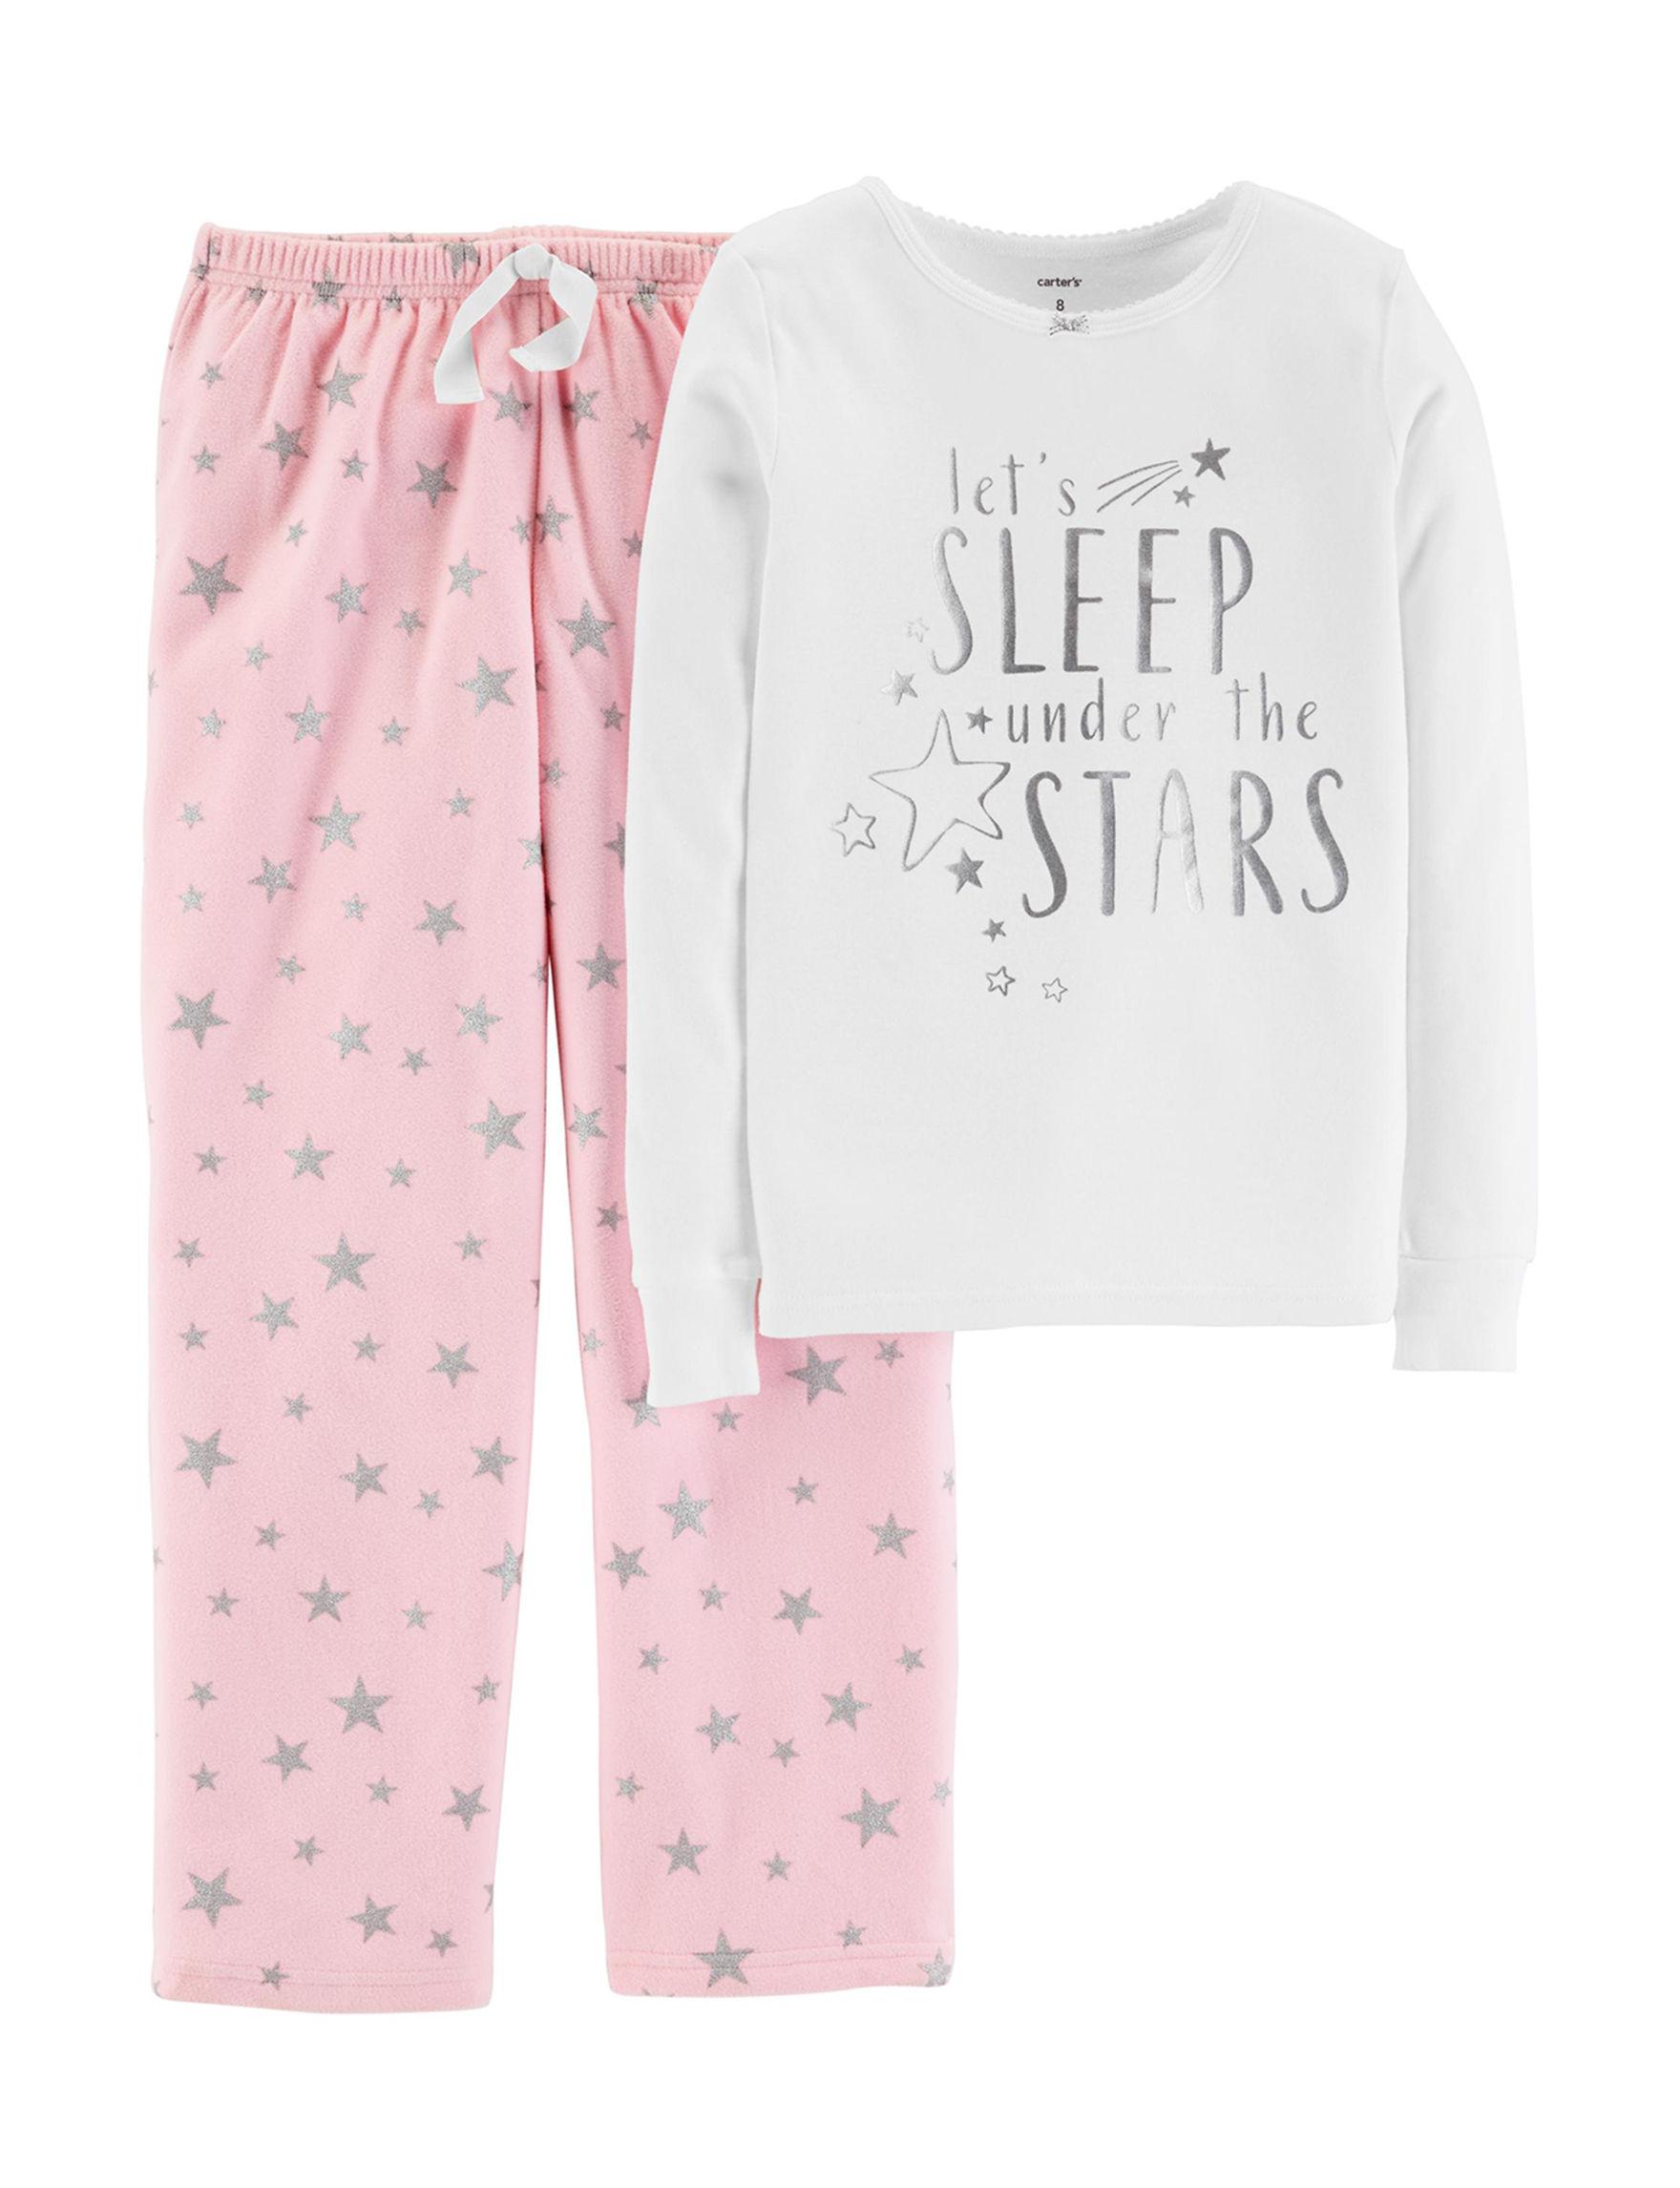 Carter's White / Pink Pajama Sets